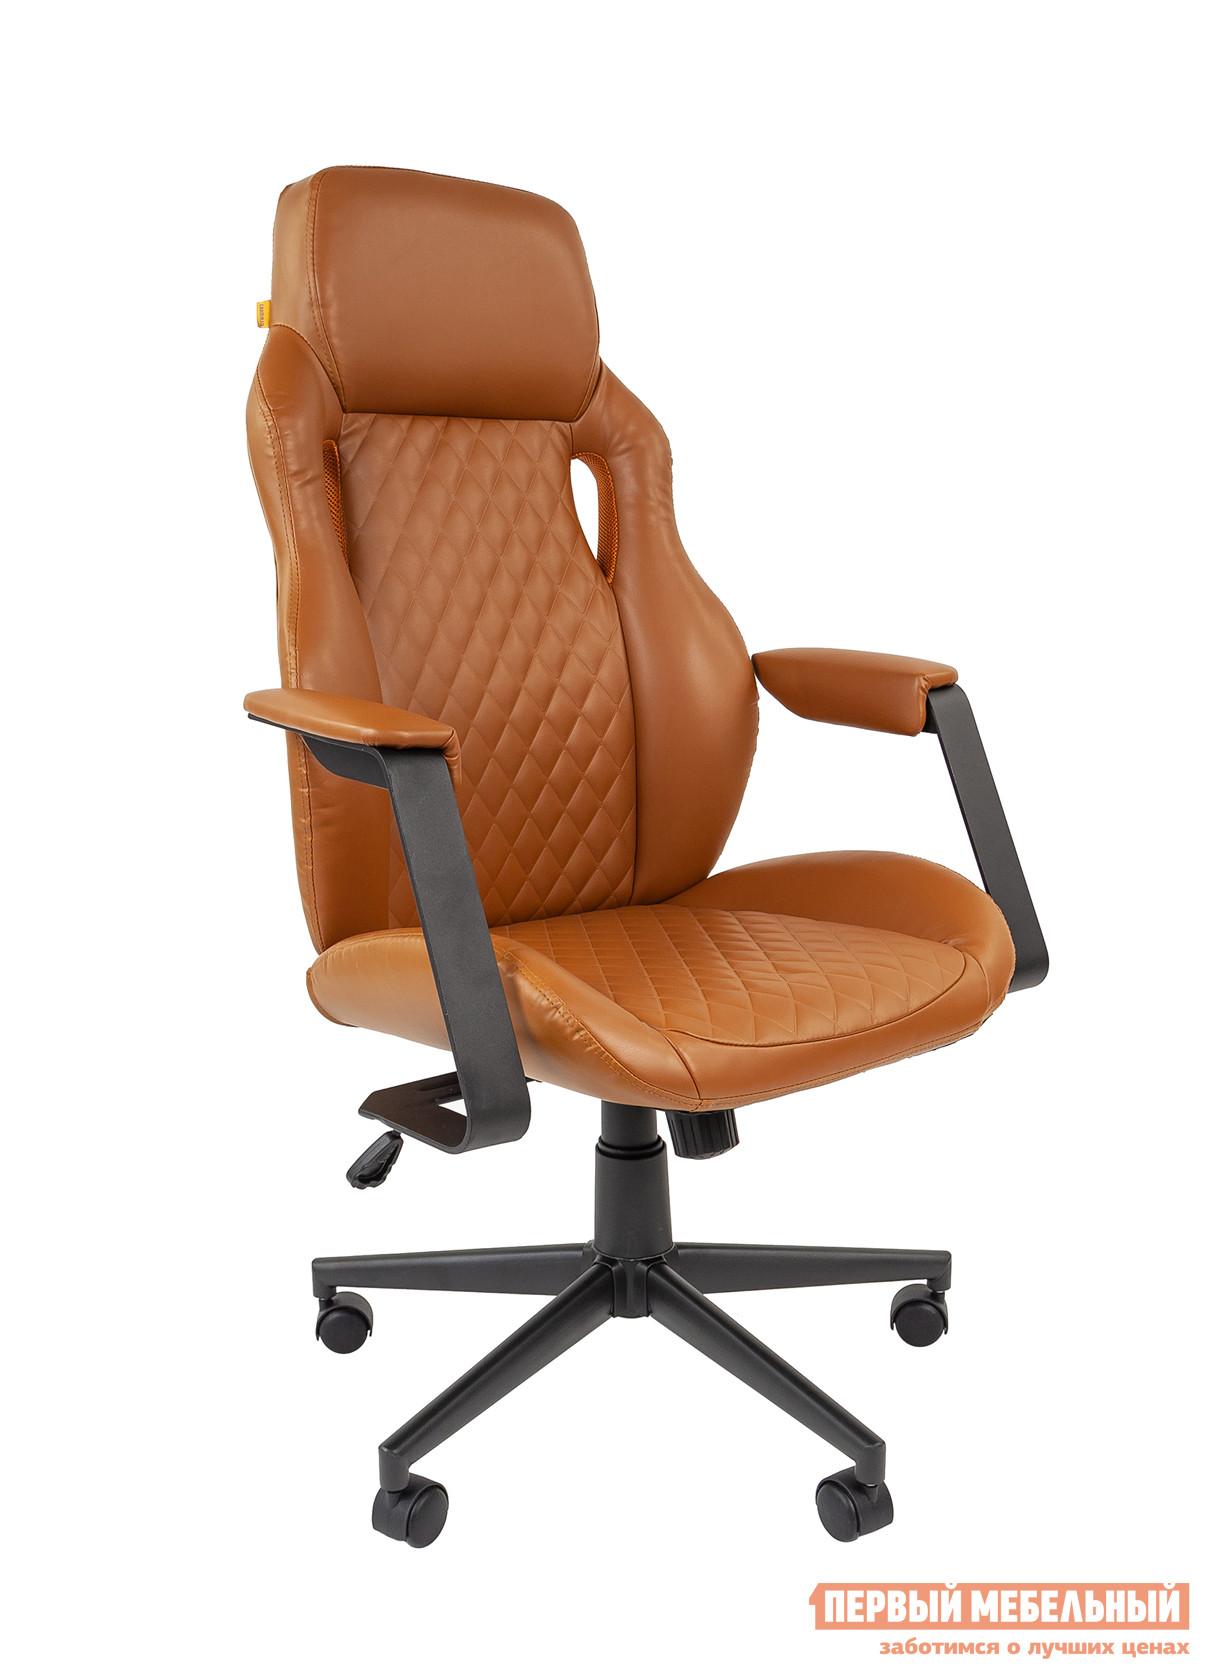 Кресло руководителя Тайпит Офисное кресло Chairman 720 кресло руководителя тайпит fuga